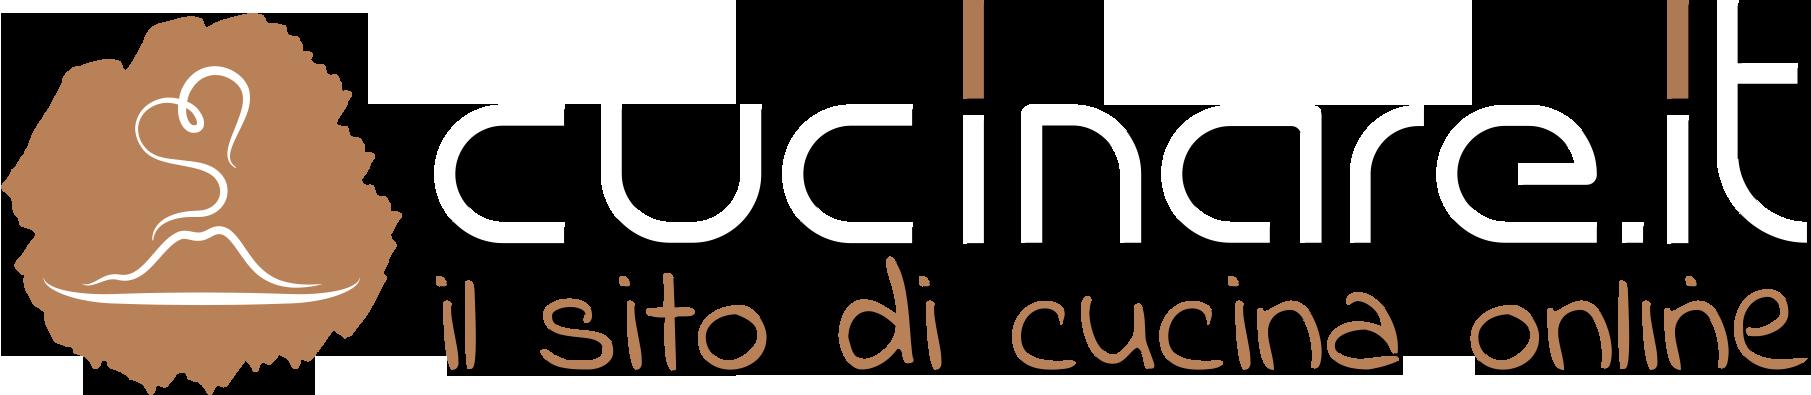 logo www.cucinare.it